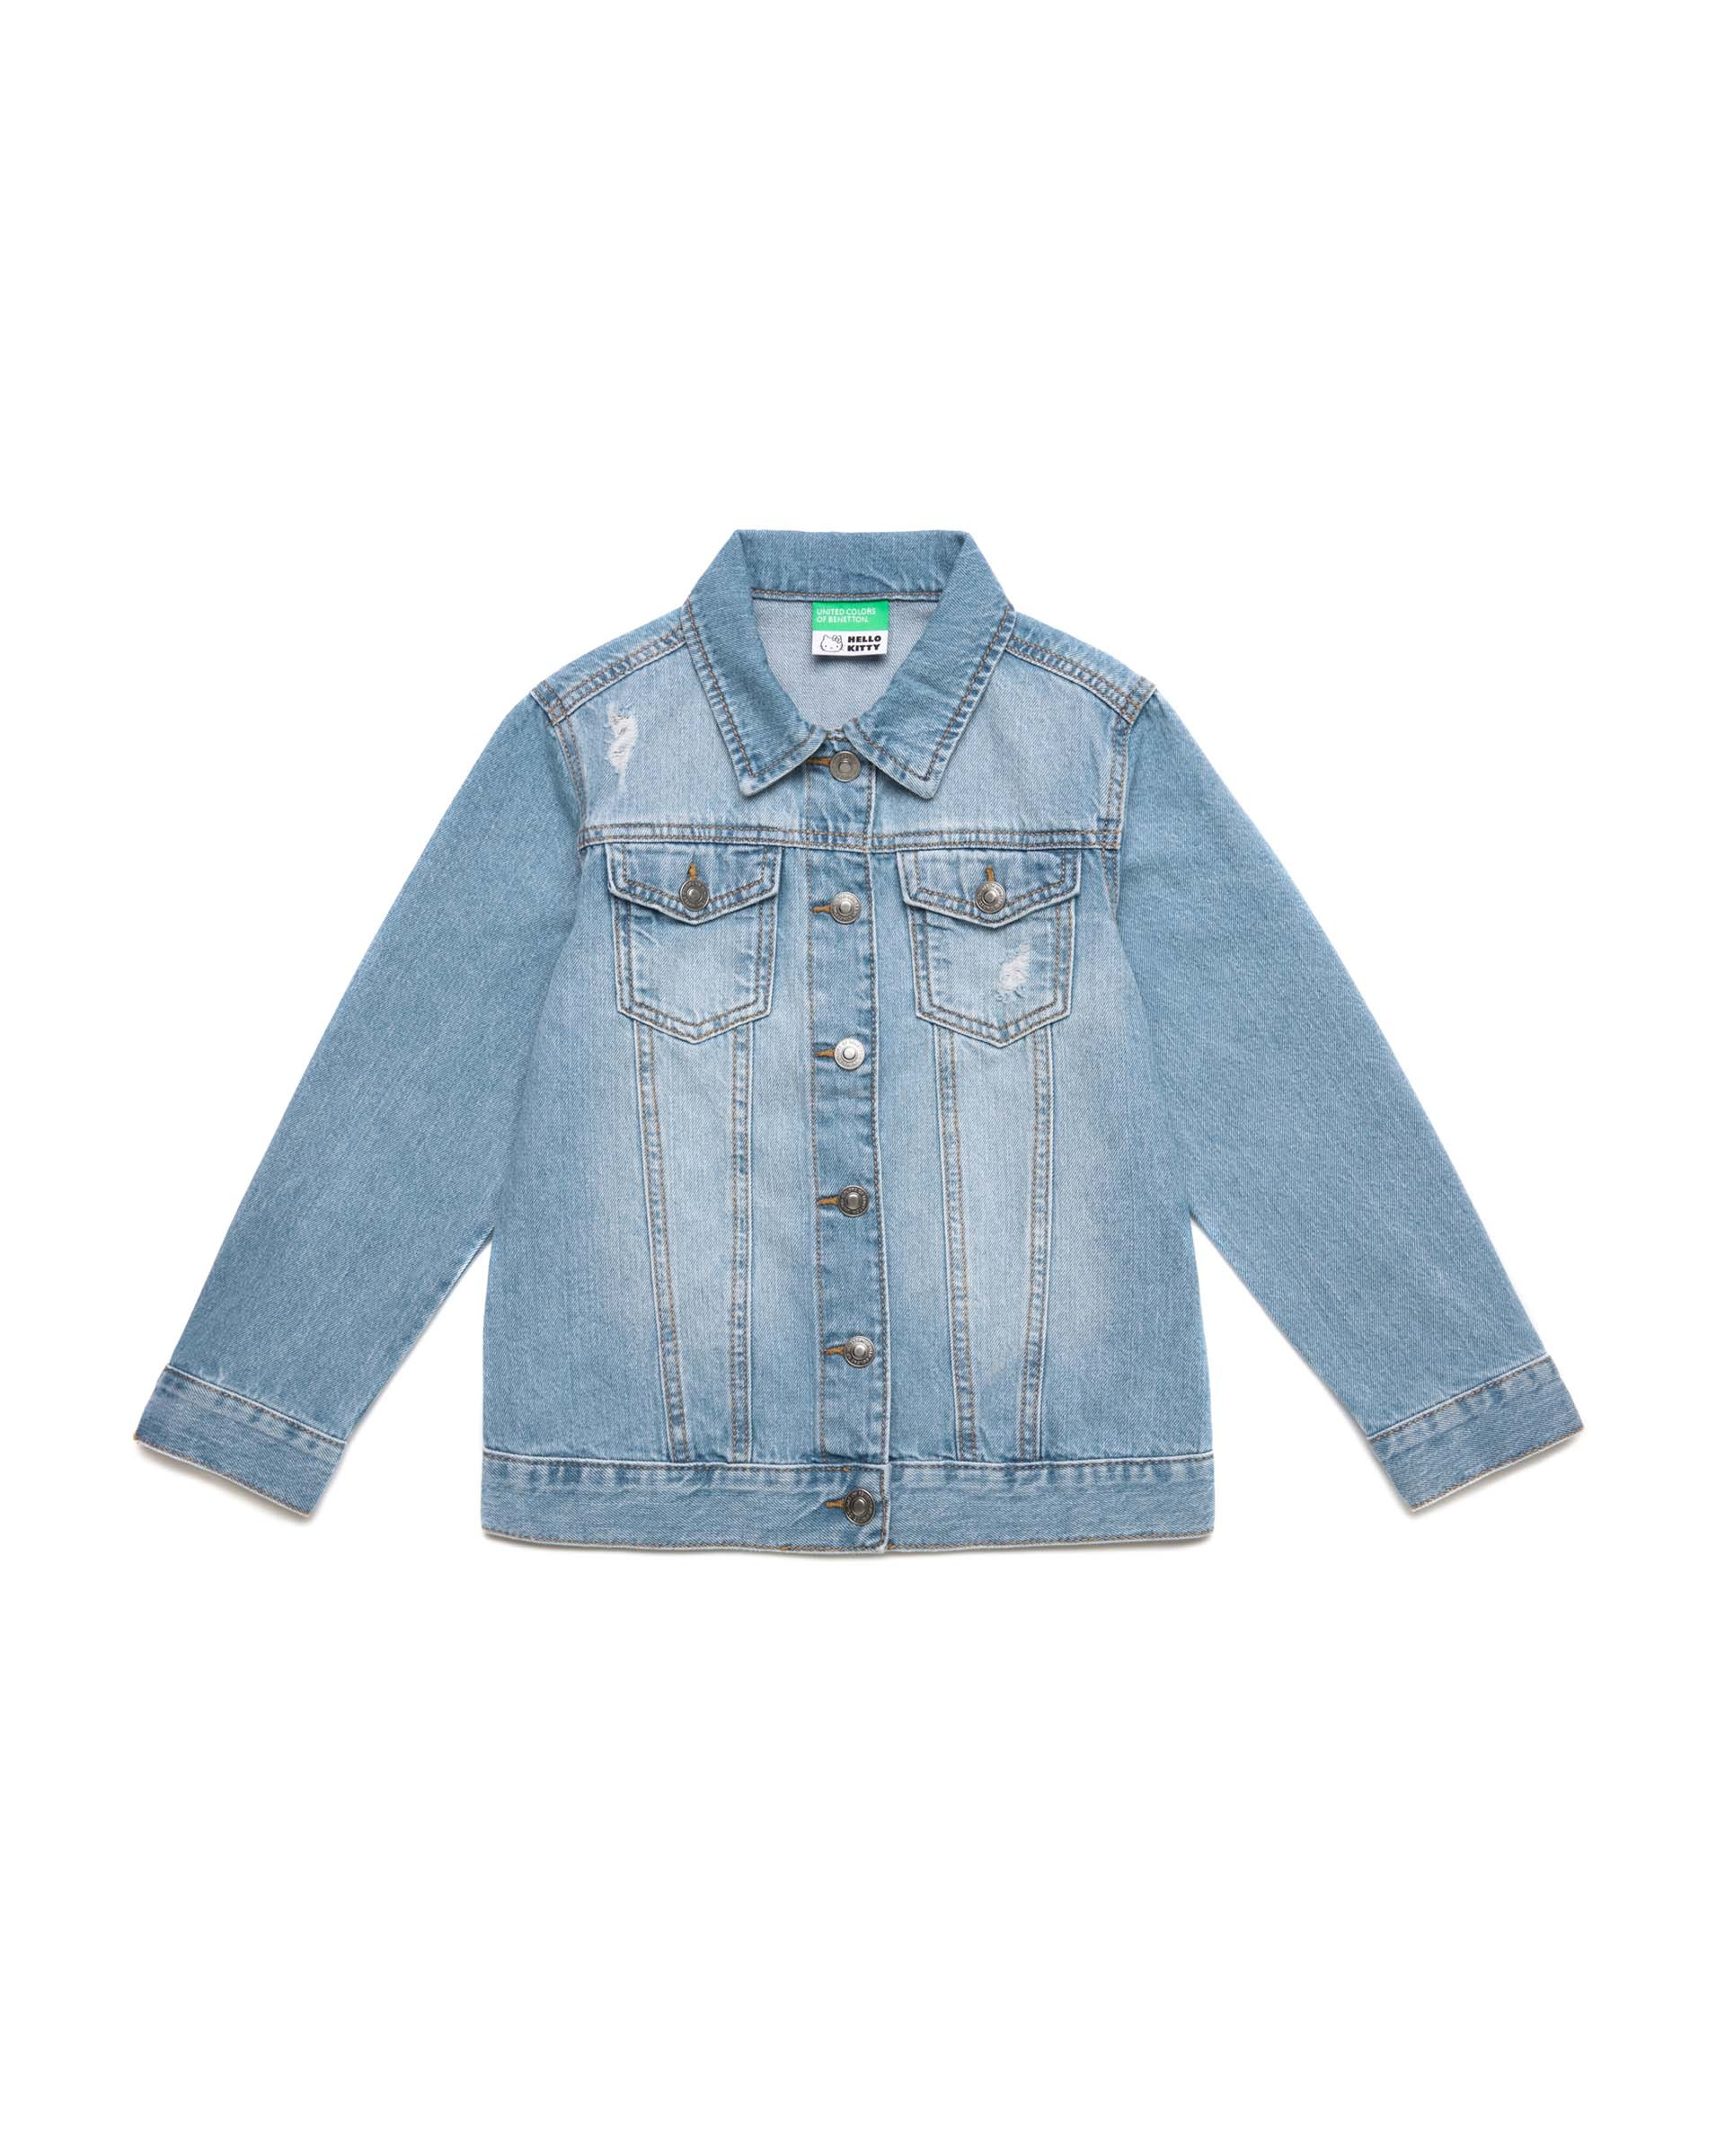 Купить 20P_2DW253IB0_901, Джинсовая куртка для девочек Benetton 2DW253IB0_901 р-р 128, United Colors of Benetton, Куртки для девочек